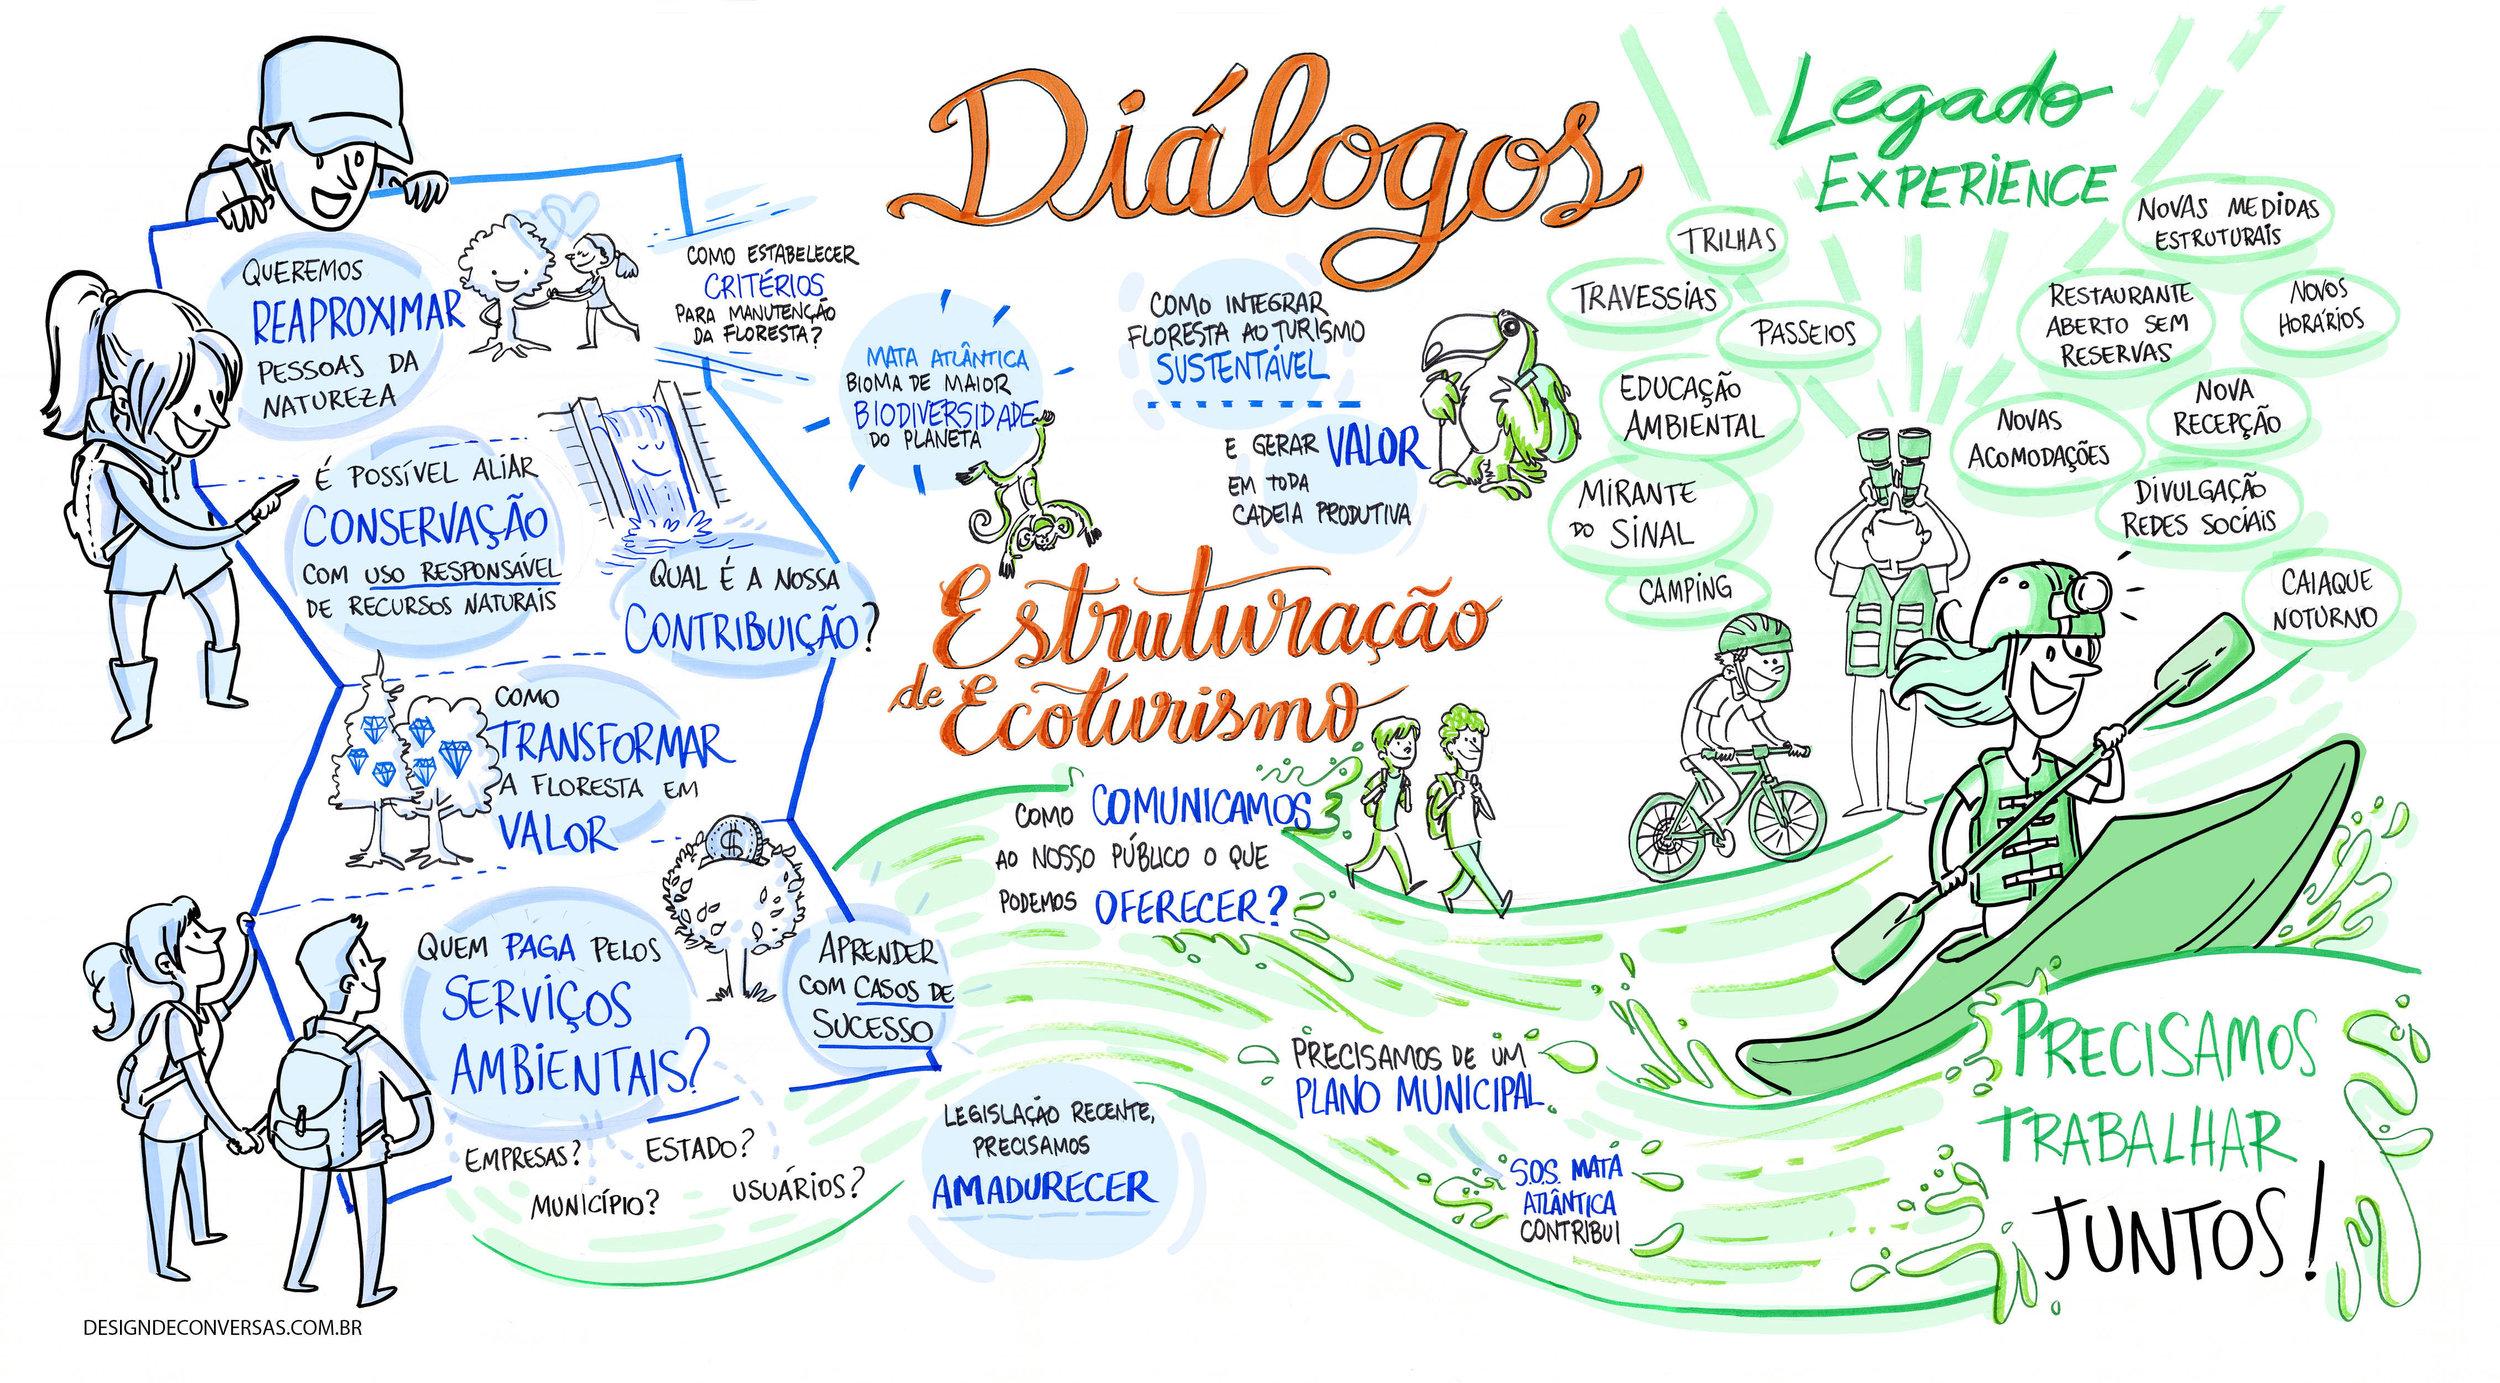 DesigndeConversas facilitacao grafica Diálogos 2019 votorantim reservas legado das aguas 1.jpg